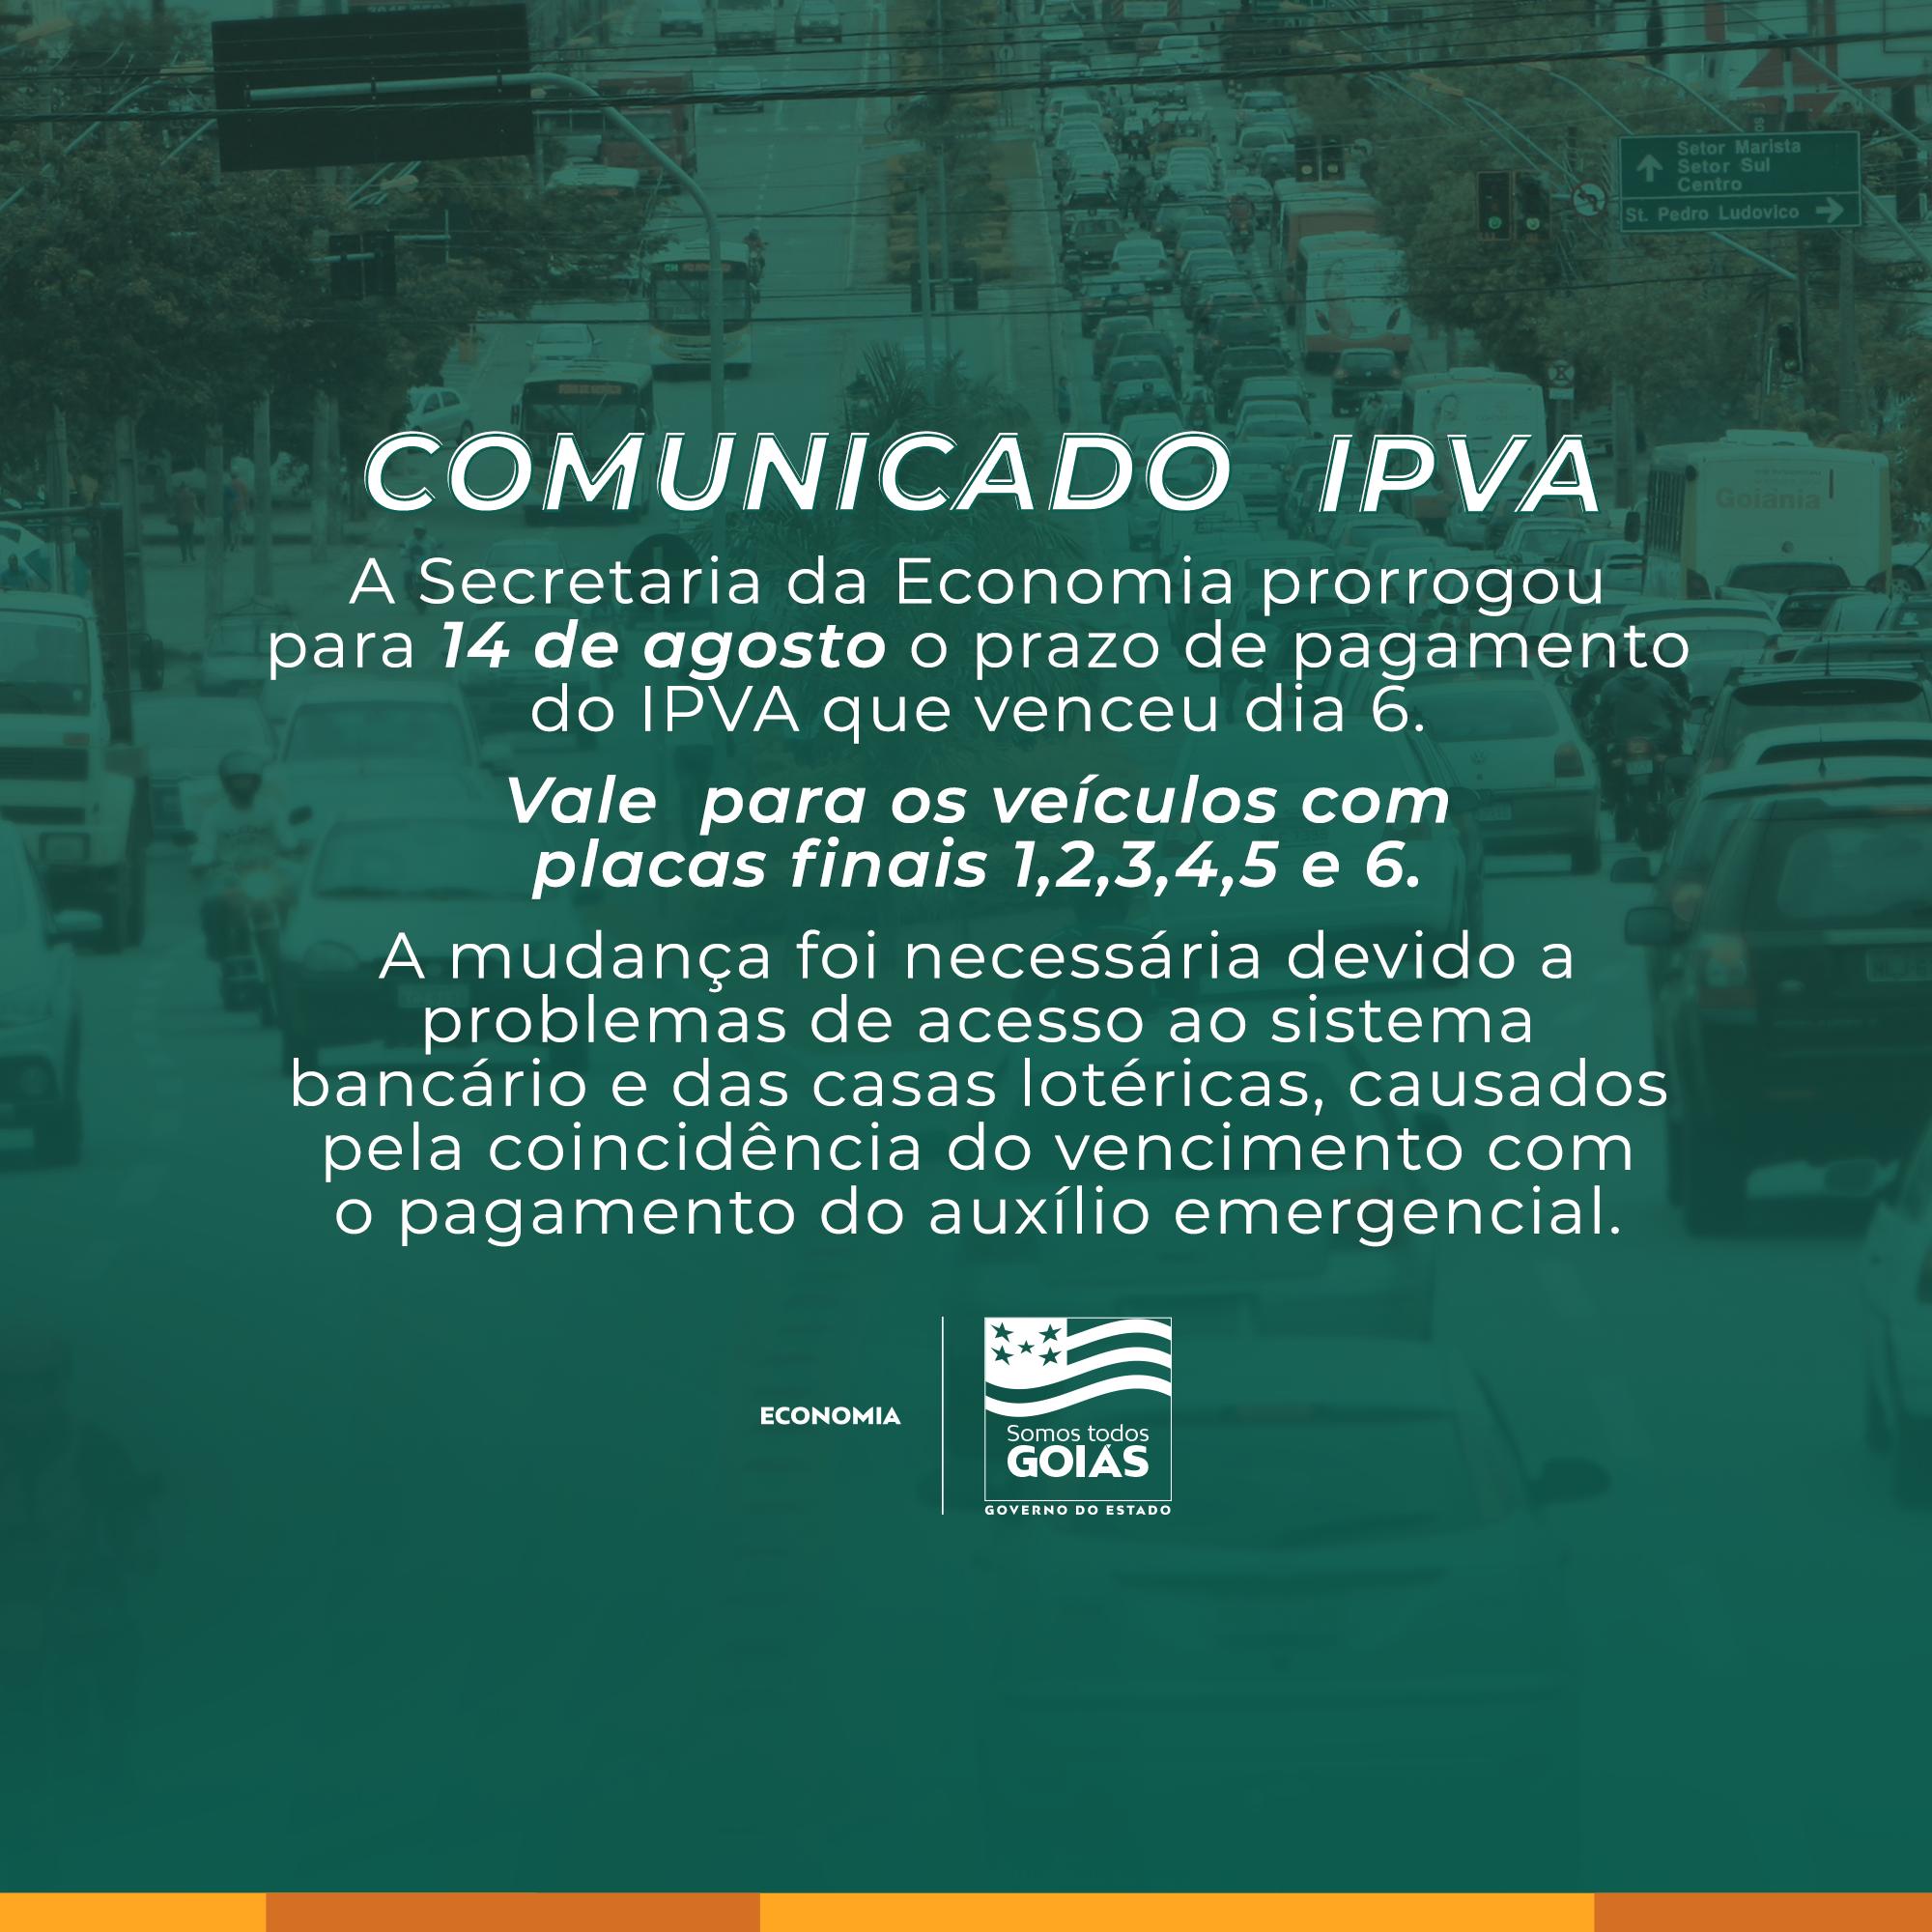 Governo de Goiás prorroga pagamento do IPVA para próxima semana